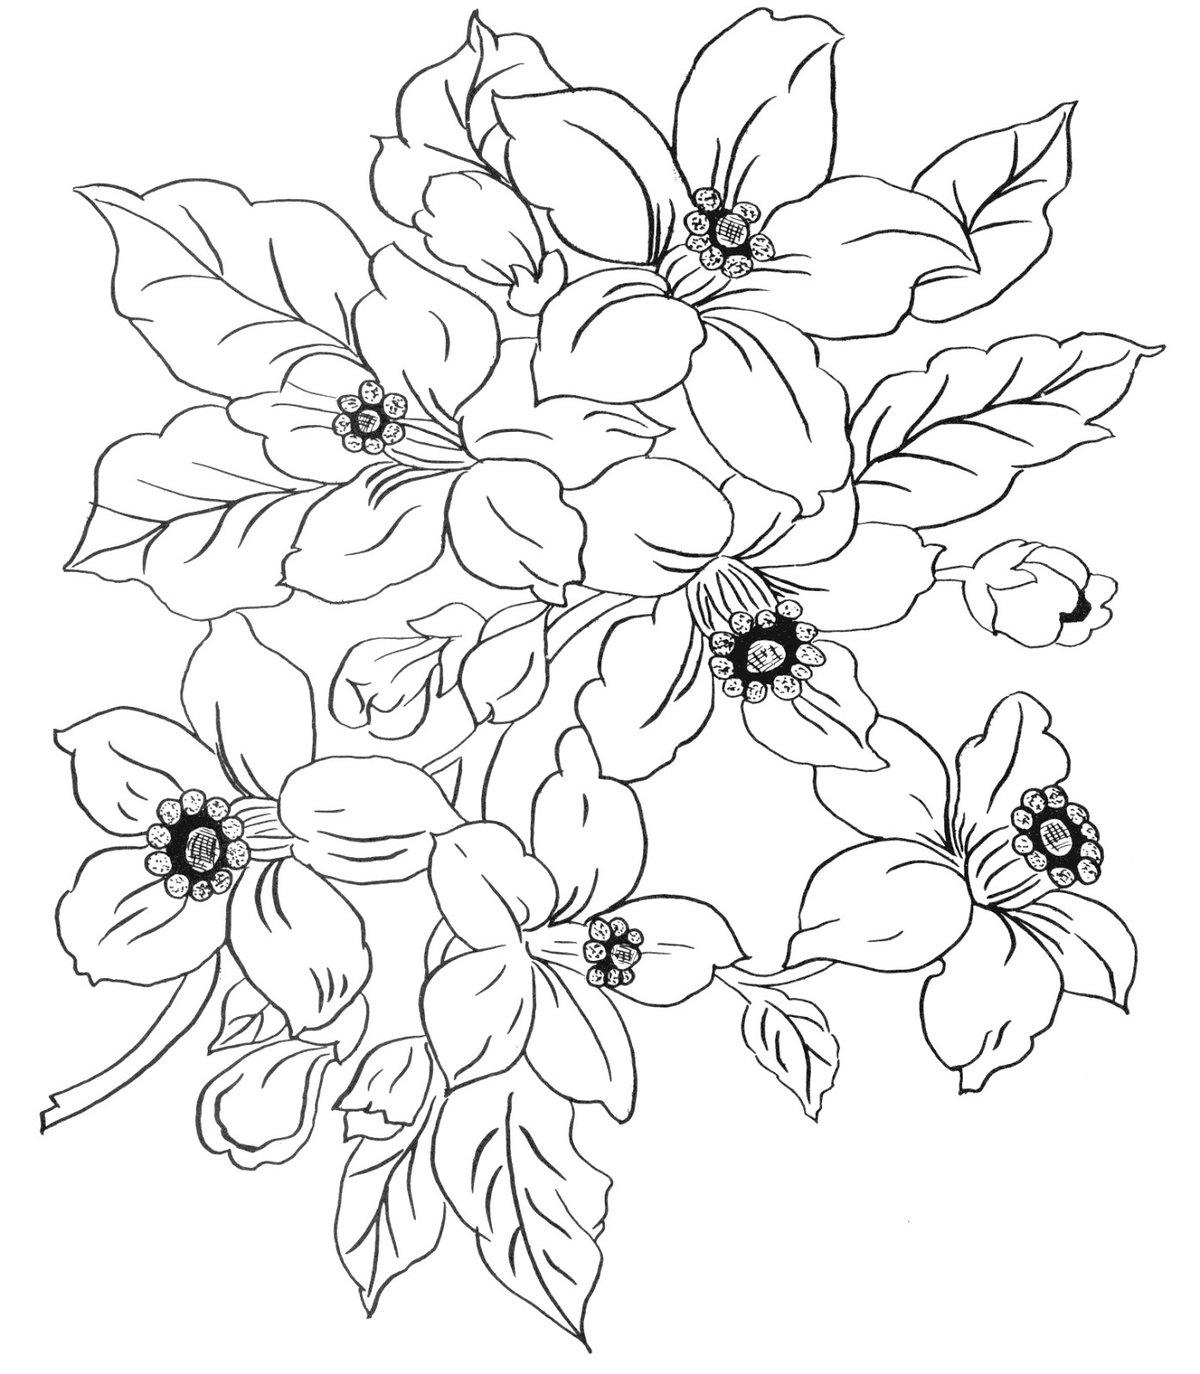 печатные картинки с цветами меня есть некое